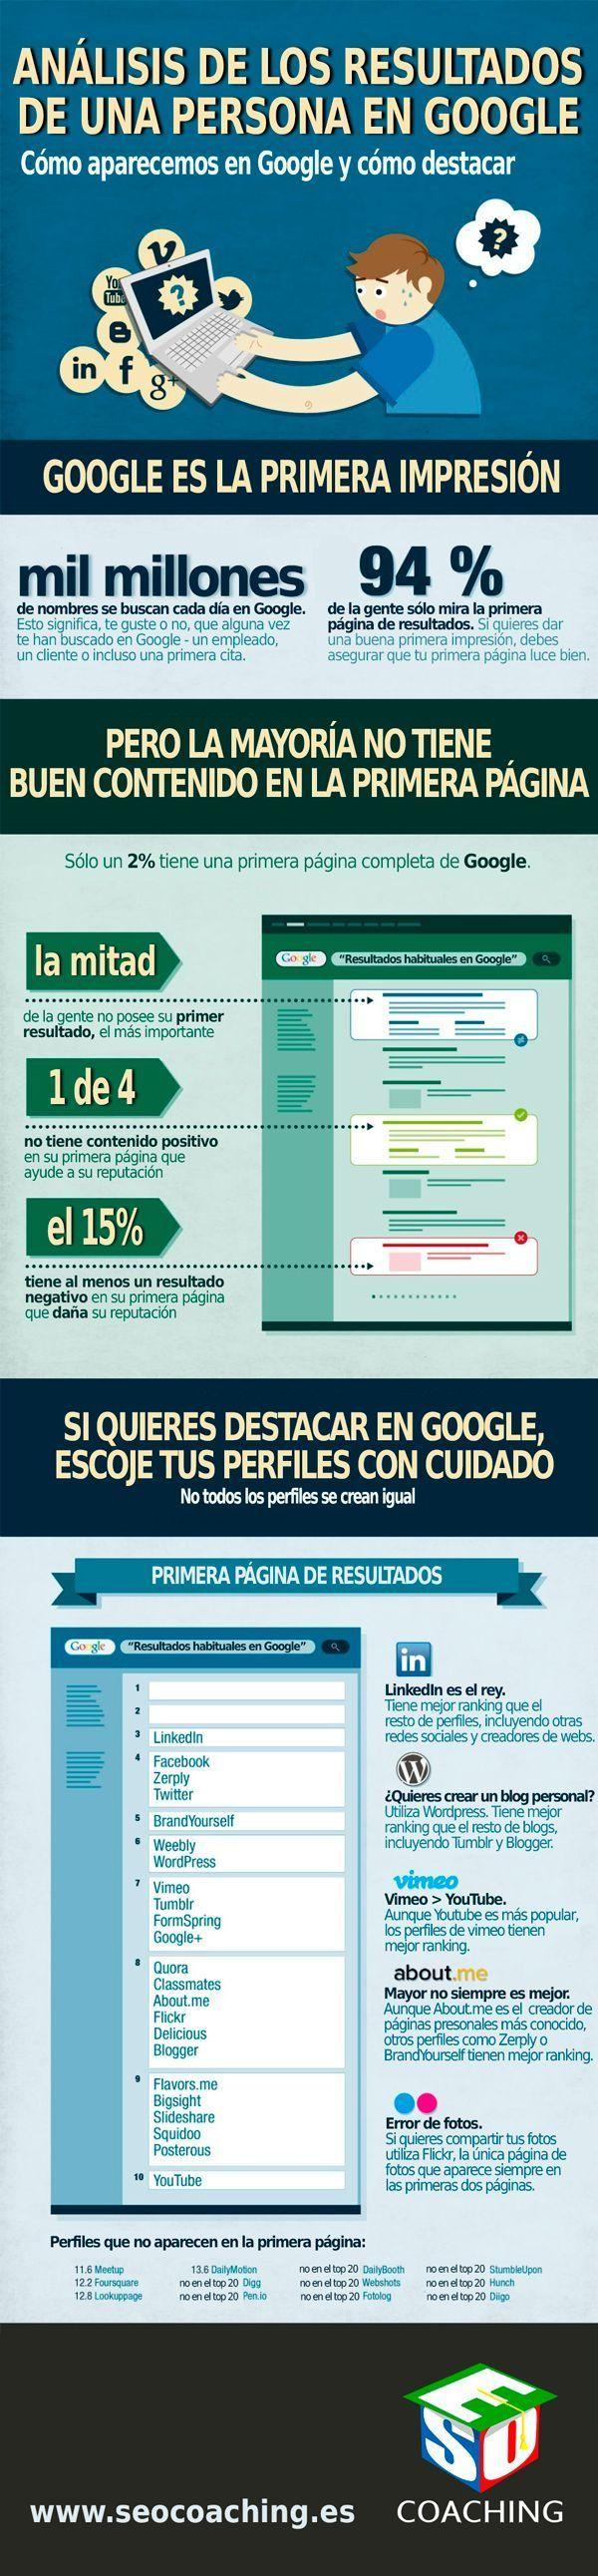 Cómo puede una persona destacar en Google [Infografía] | TreceBits